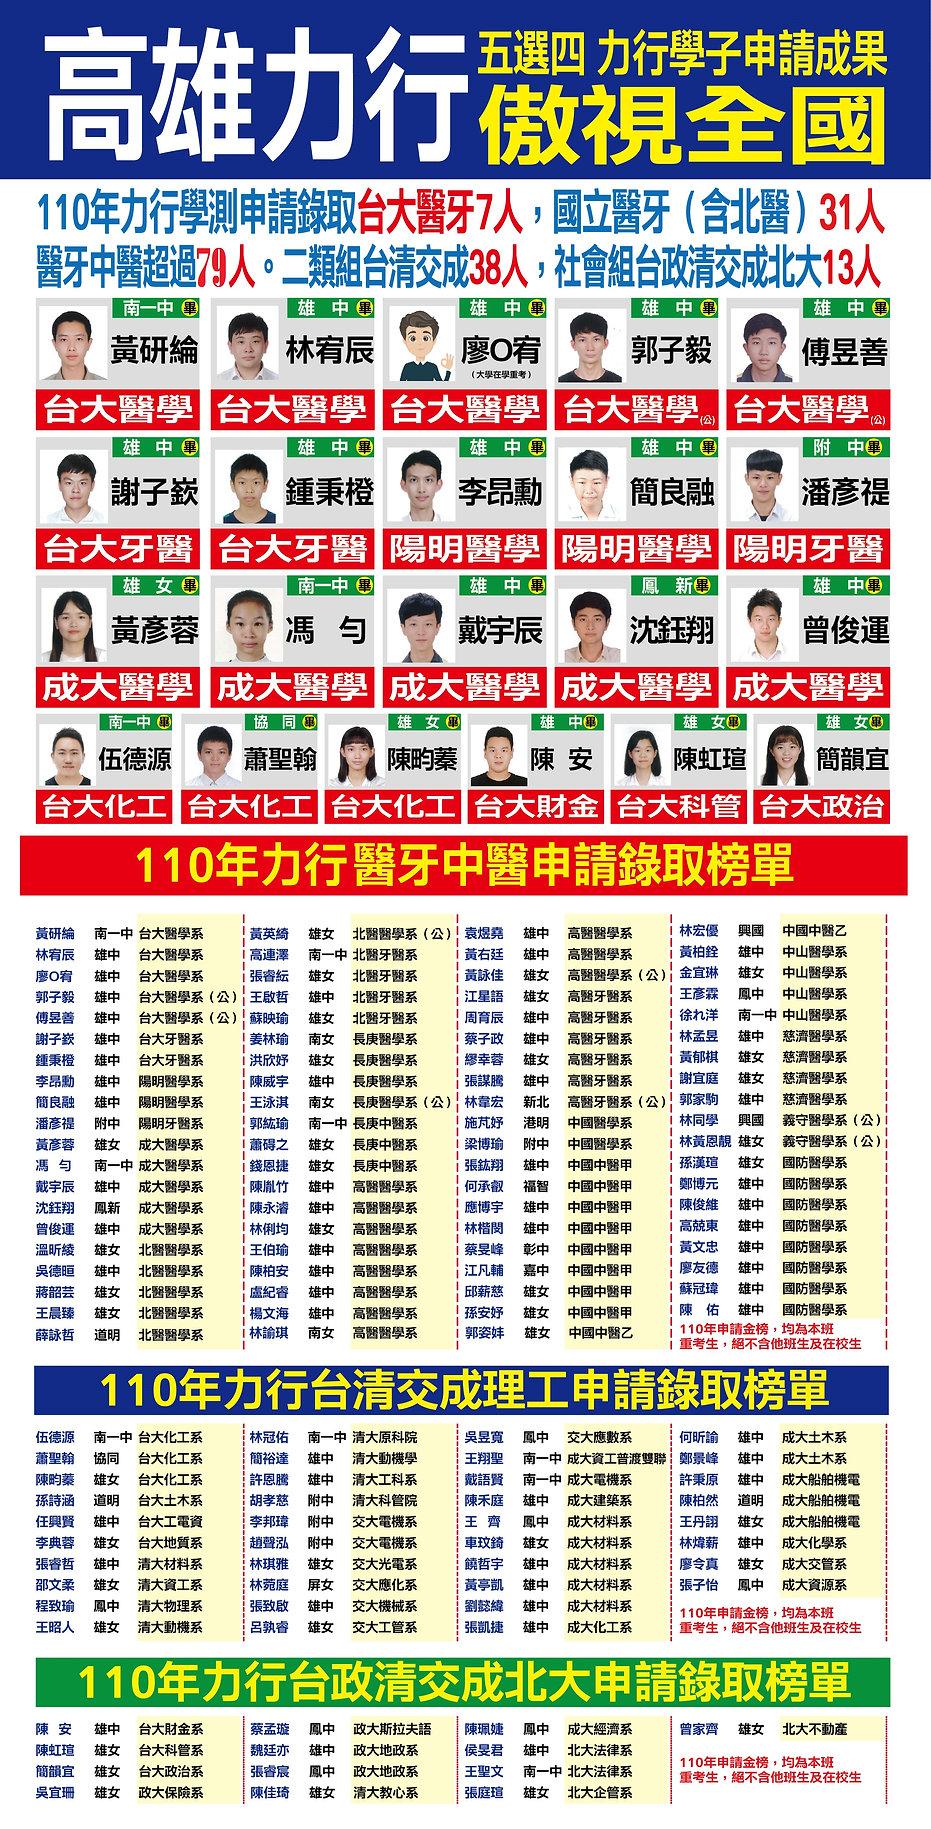 20210525-力行榜單-01new.jpg